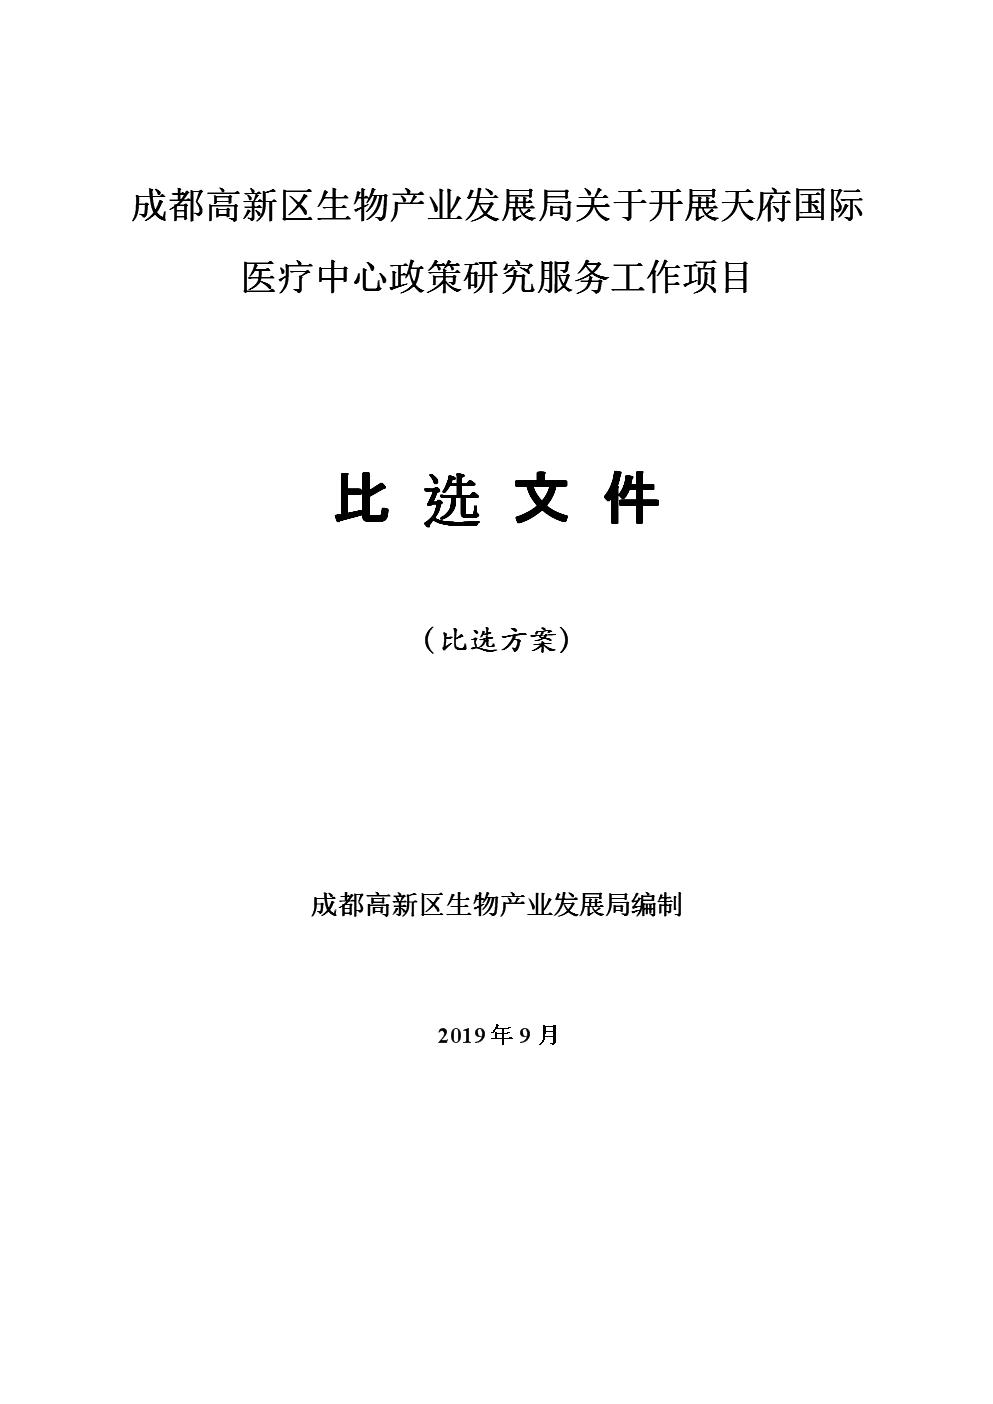 天府国际医疗中心政策研究服务工作项目比选文件.docx